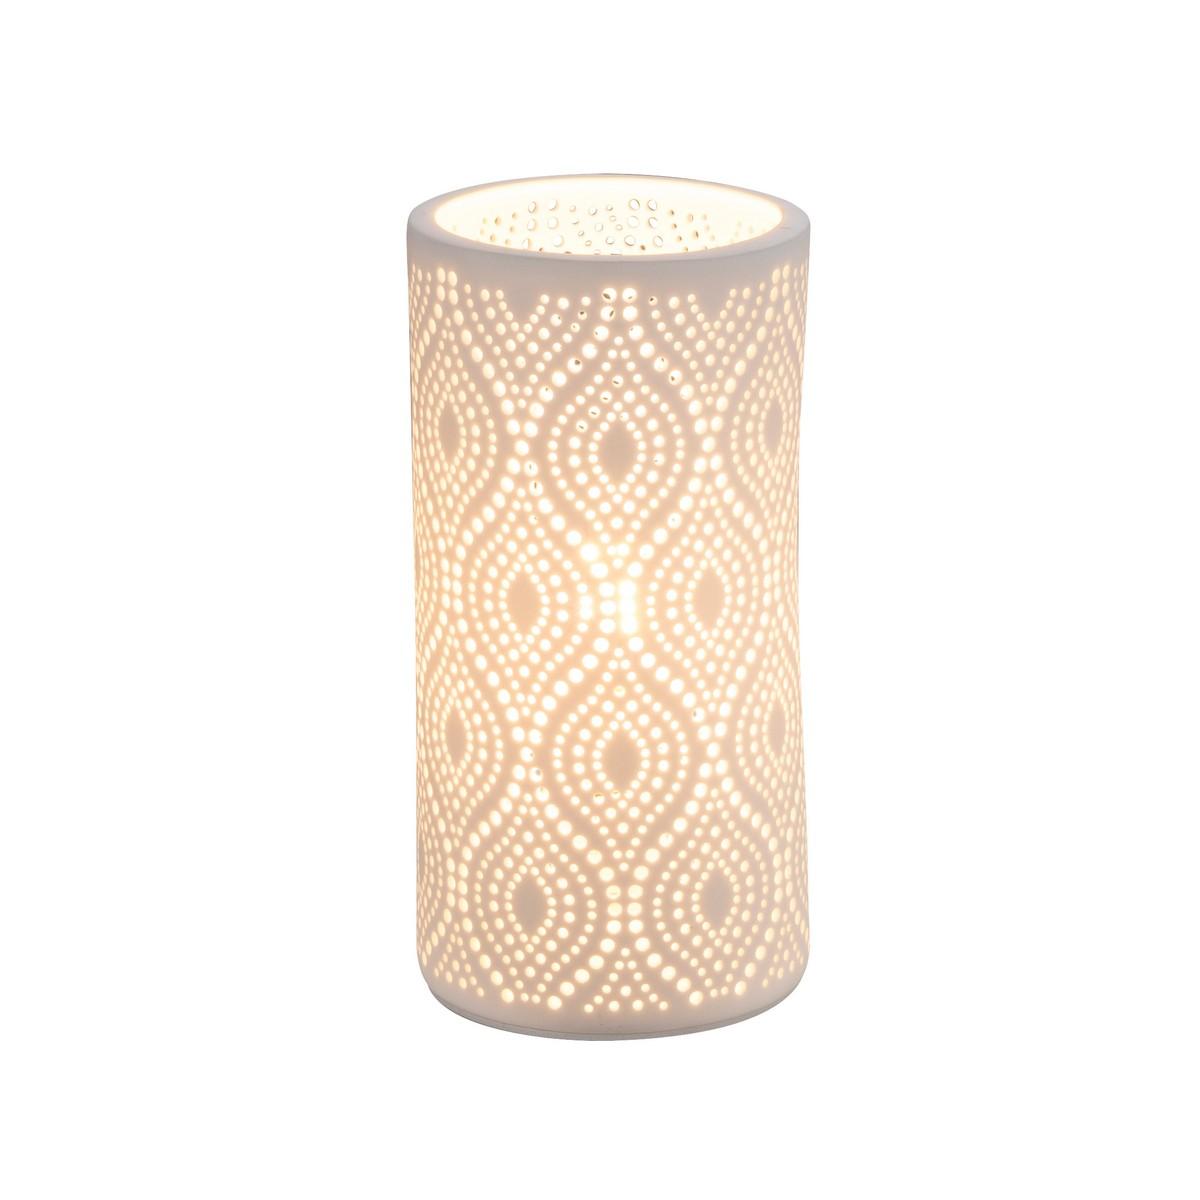 Porzellan Tischleuchte weiß matt ca. 4000 Löcher in Dekorstanzung Schalter 1x E14 bis 25 Watt